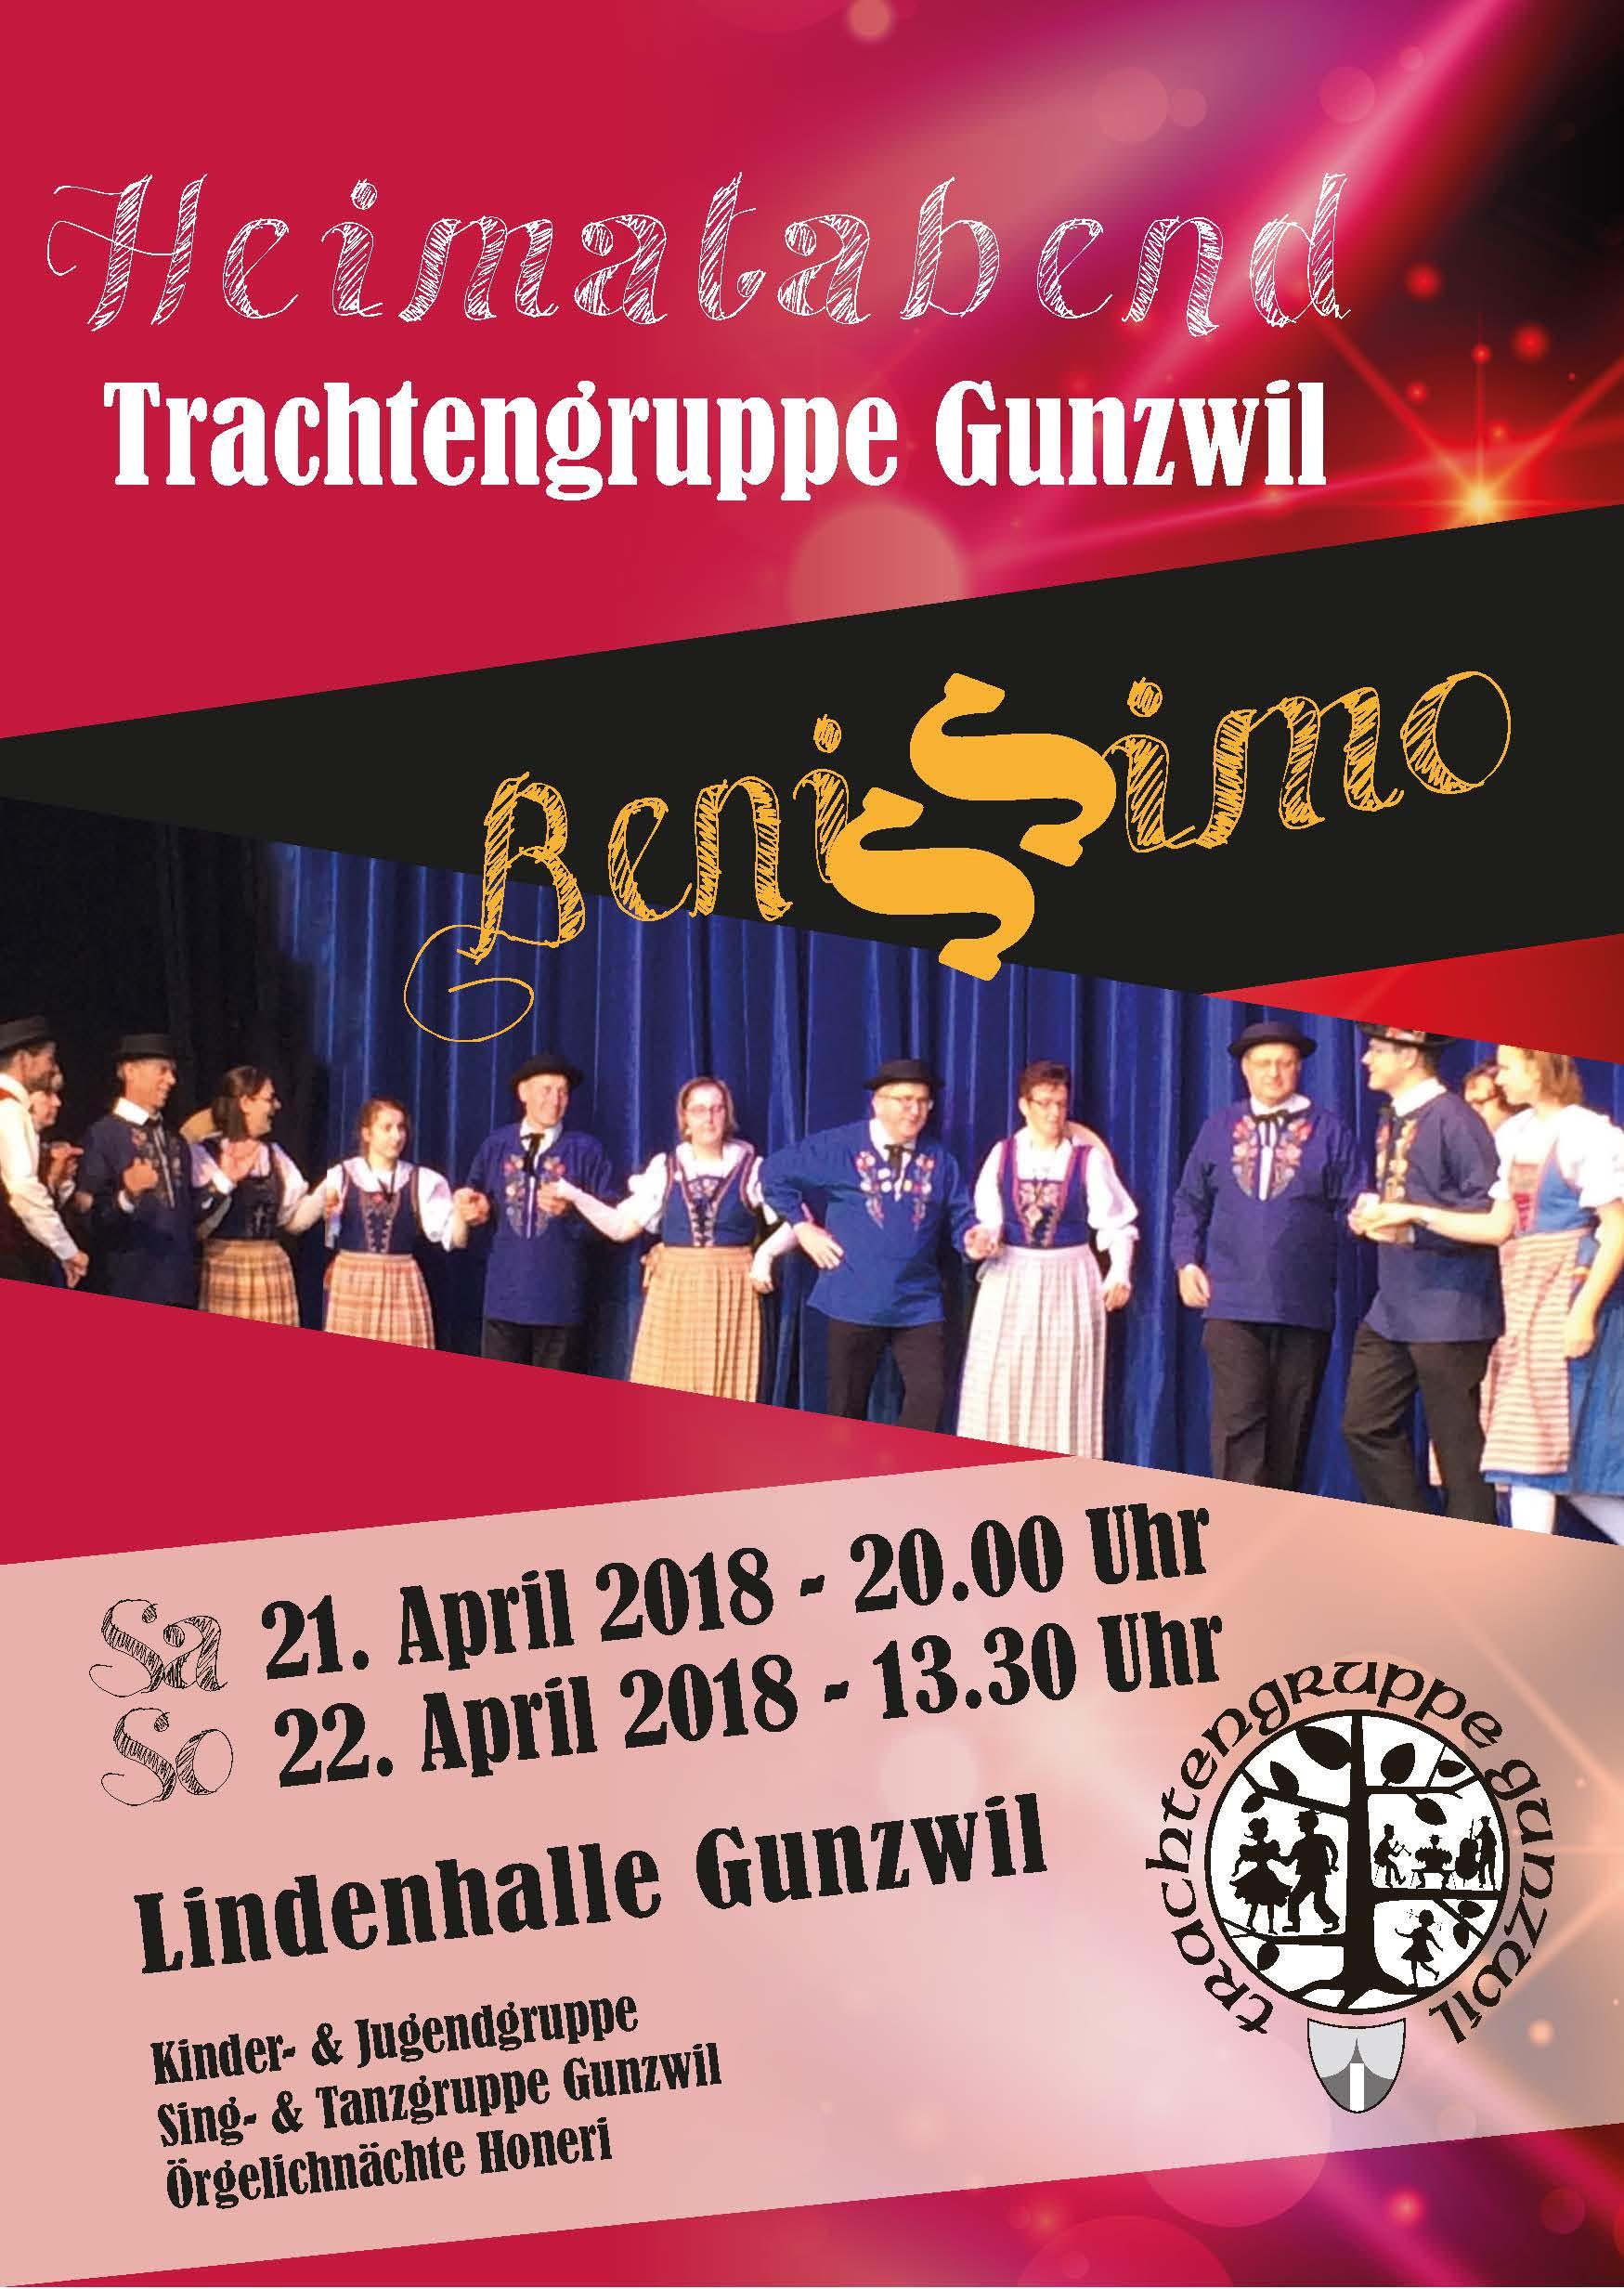 Flyer Heimatabend Trachtengruppe Gunzwil 21. und 22. April 2018